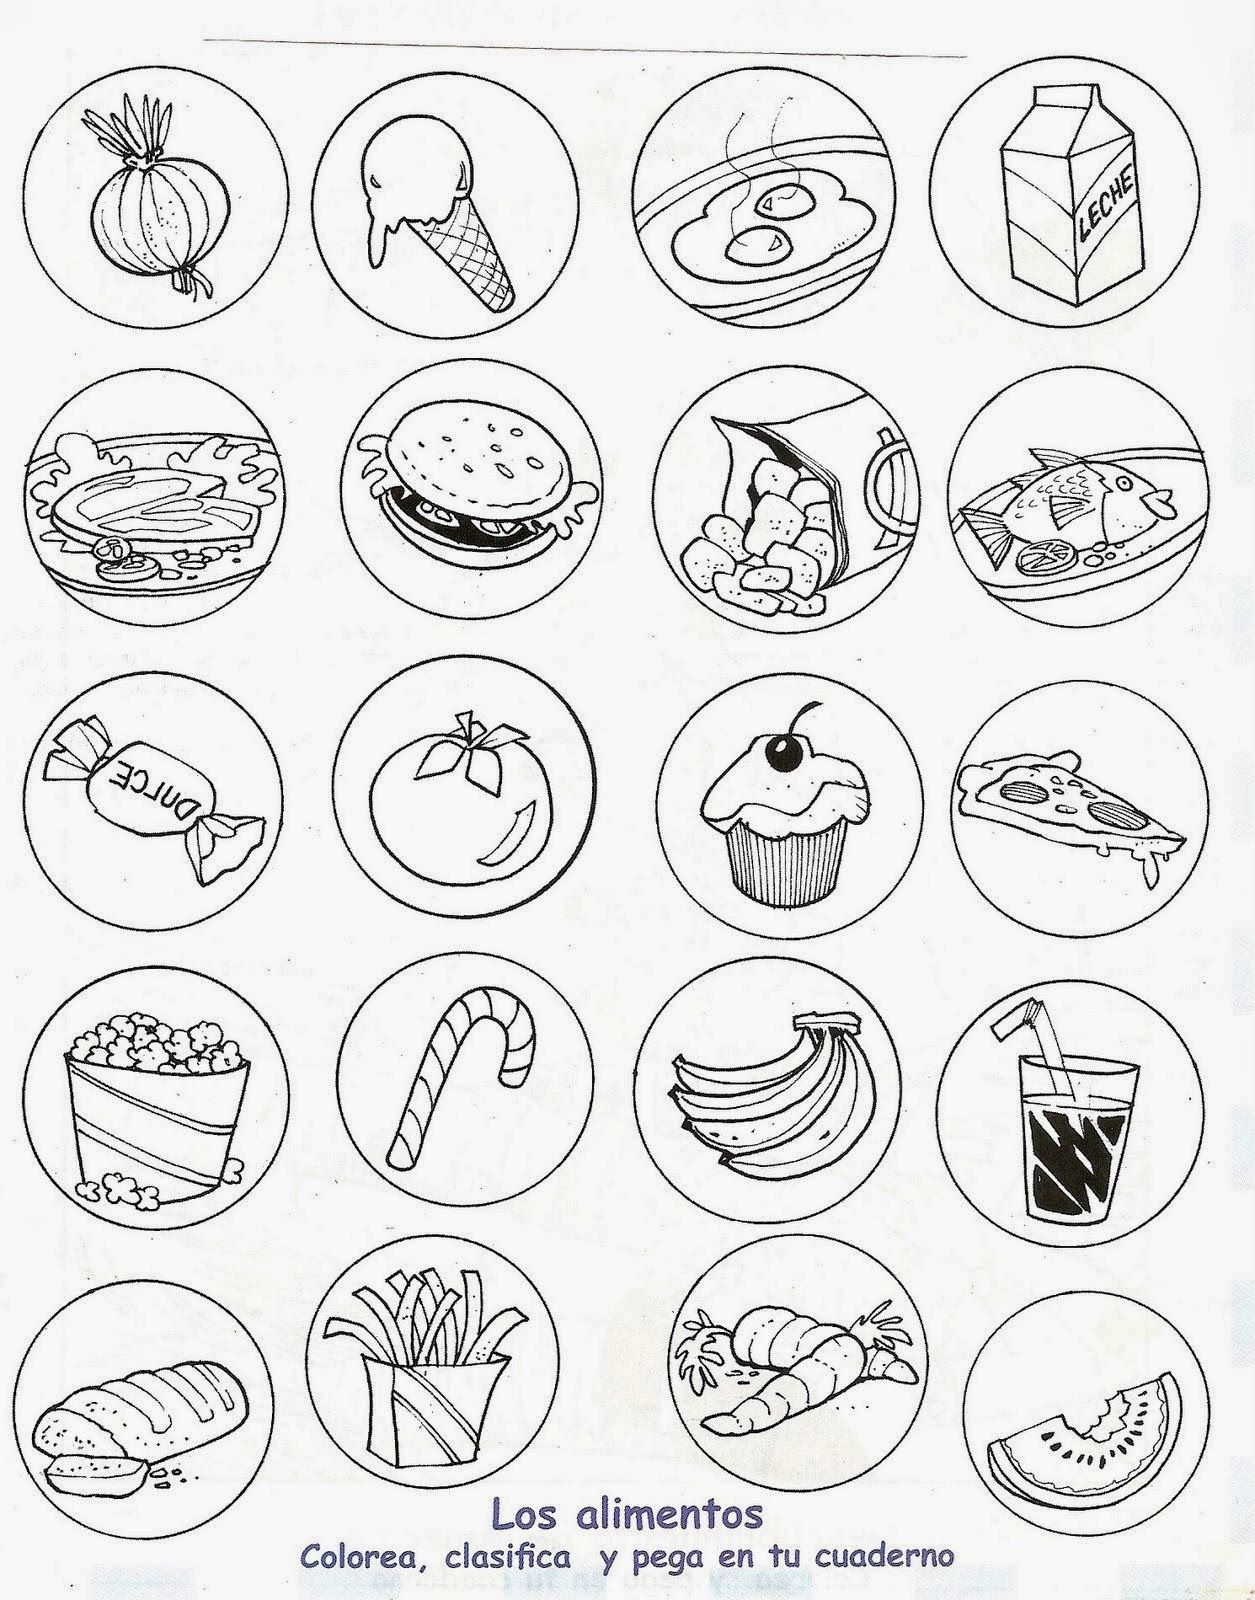 Alimentos saludables y alimentos chatarra para colorear | Alimentos ...